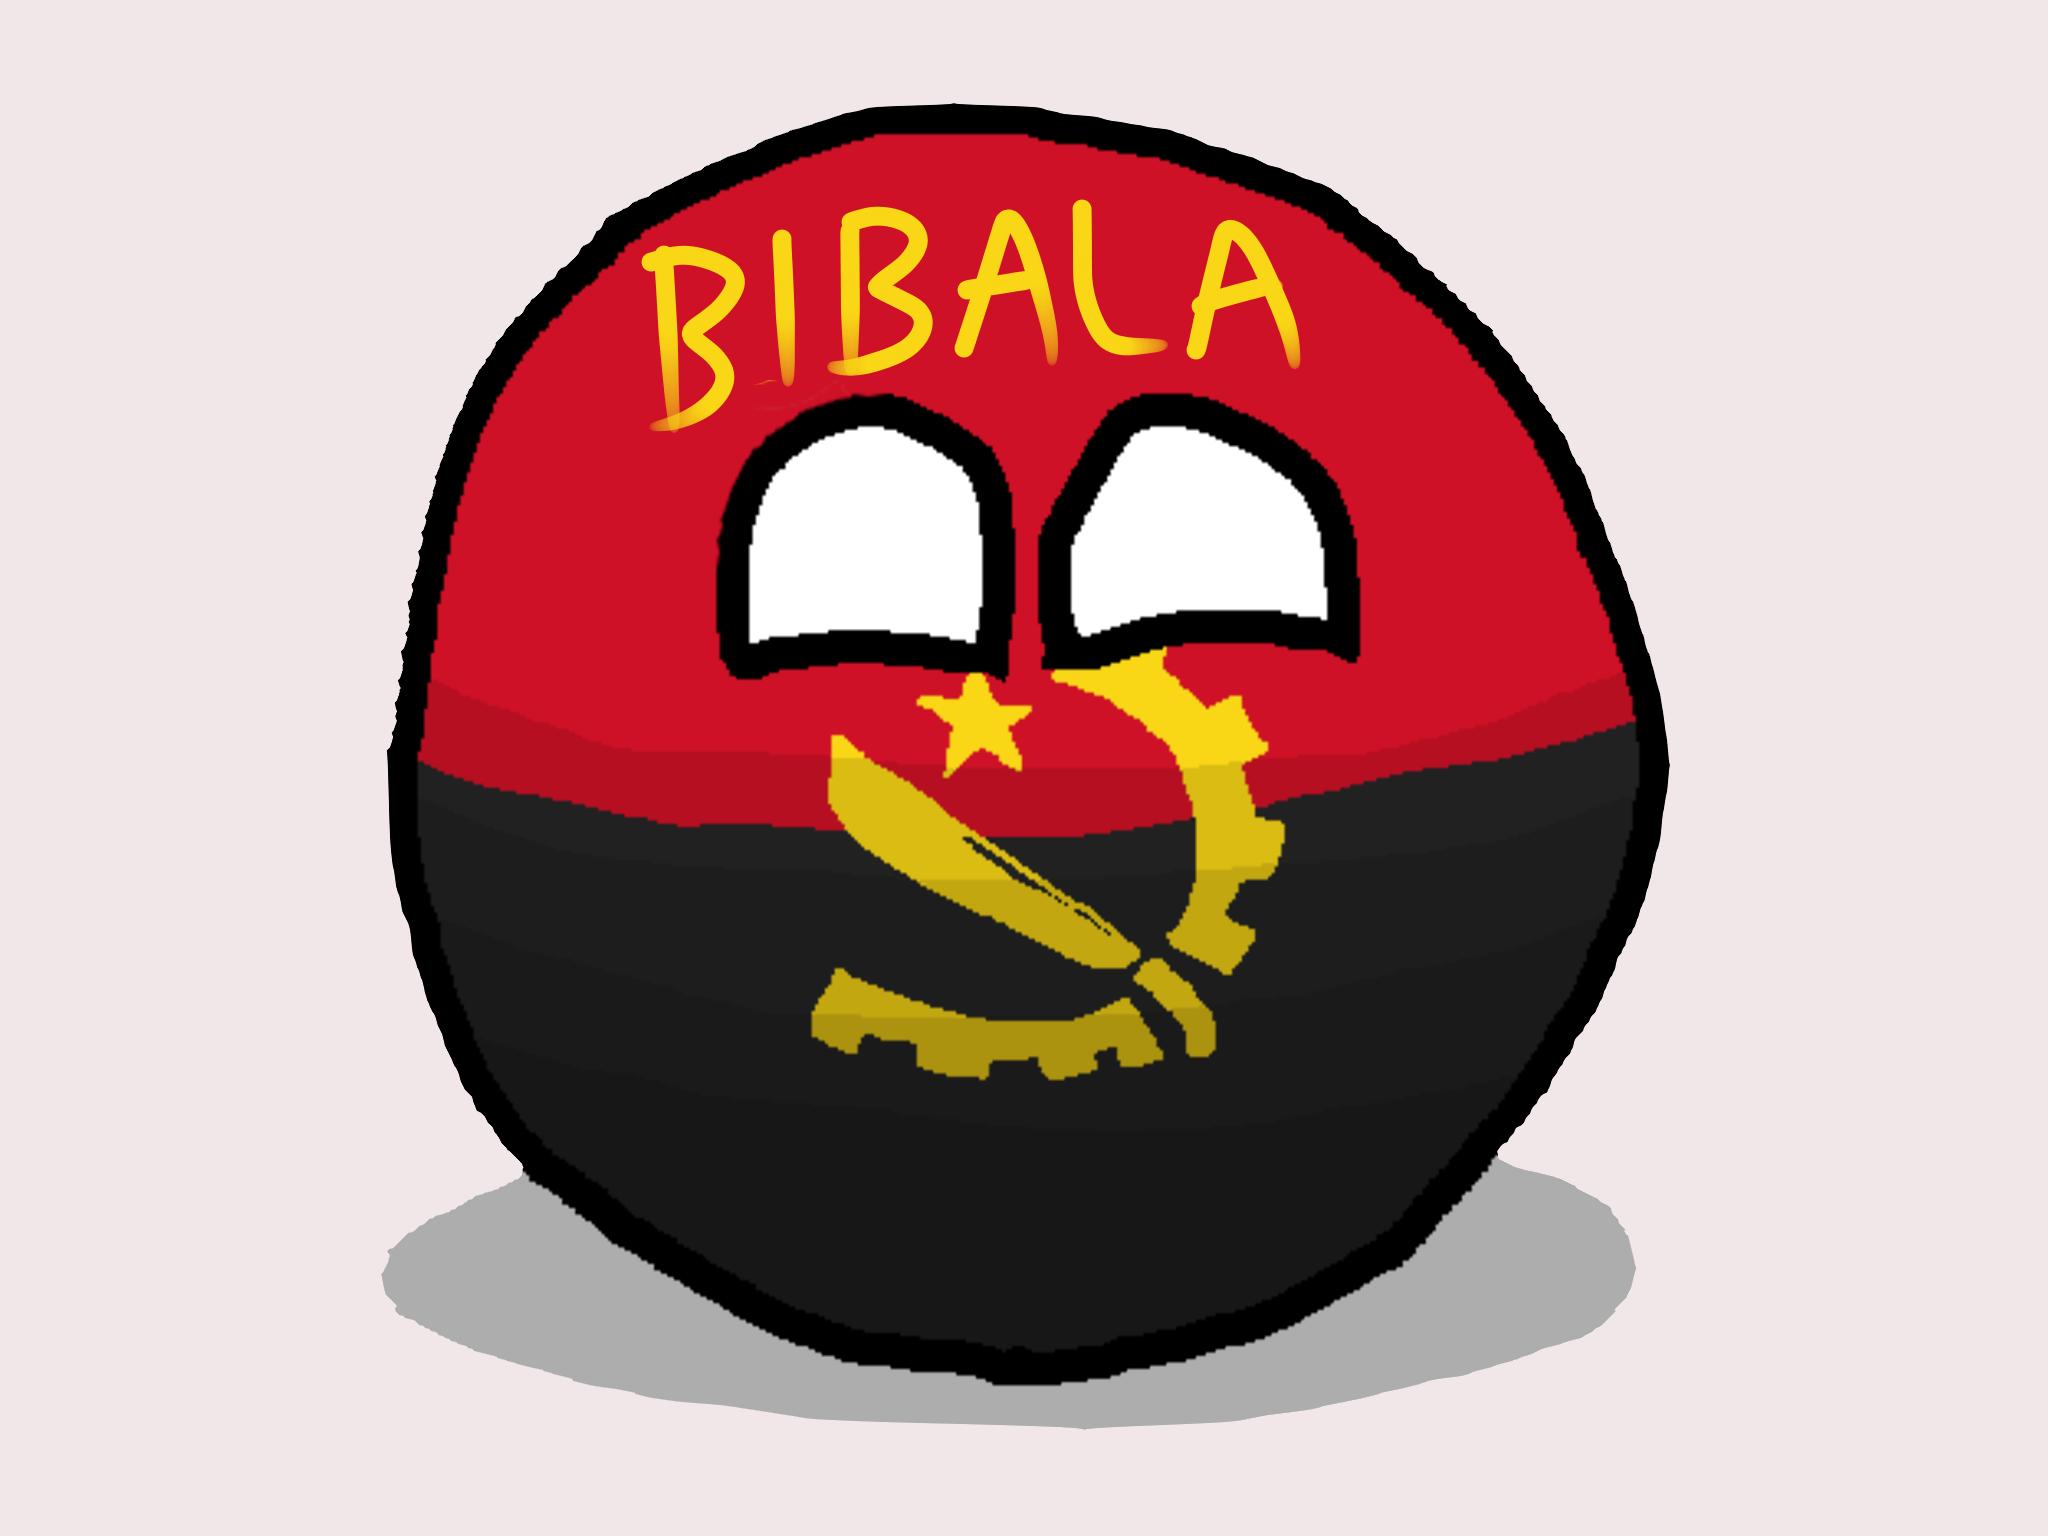 Bibalaball